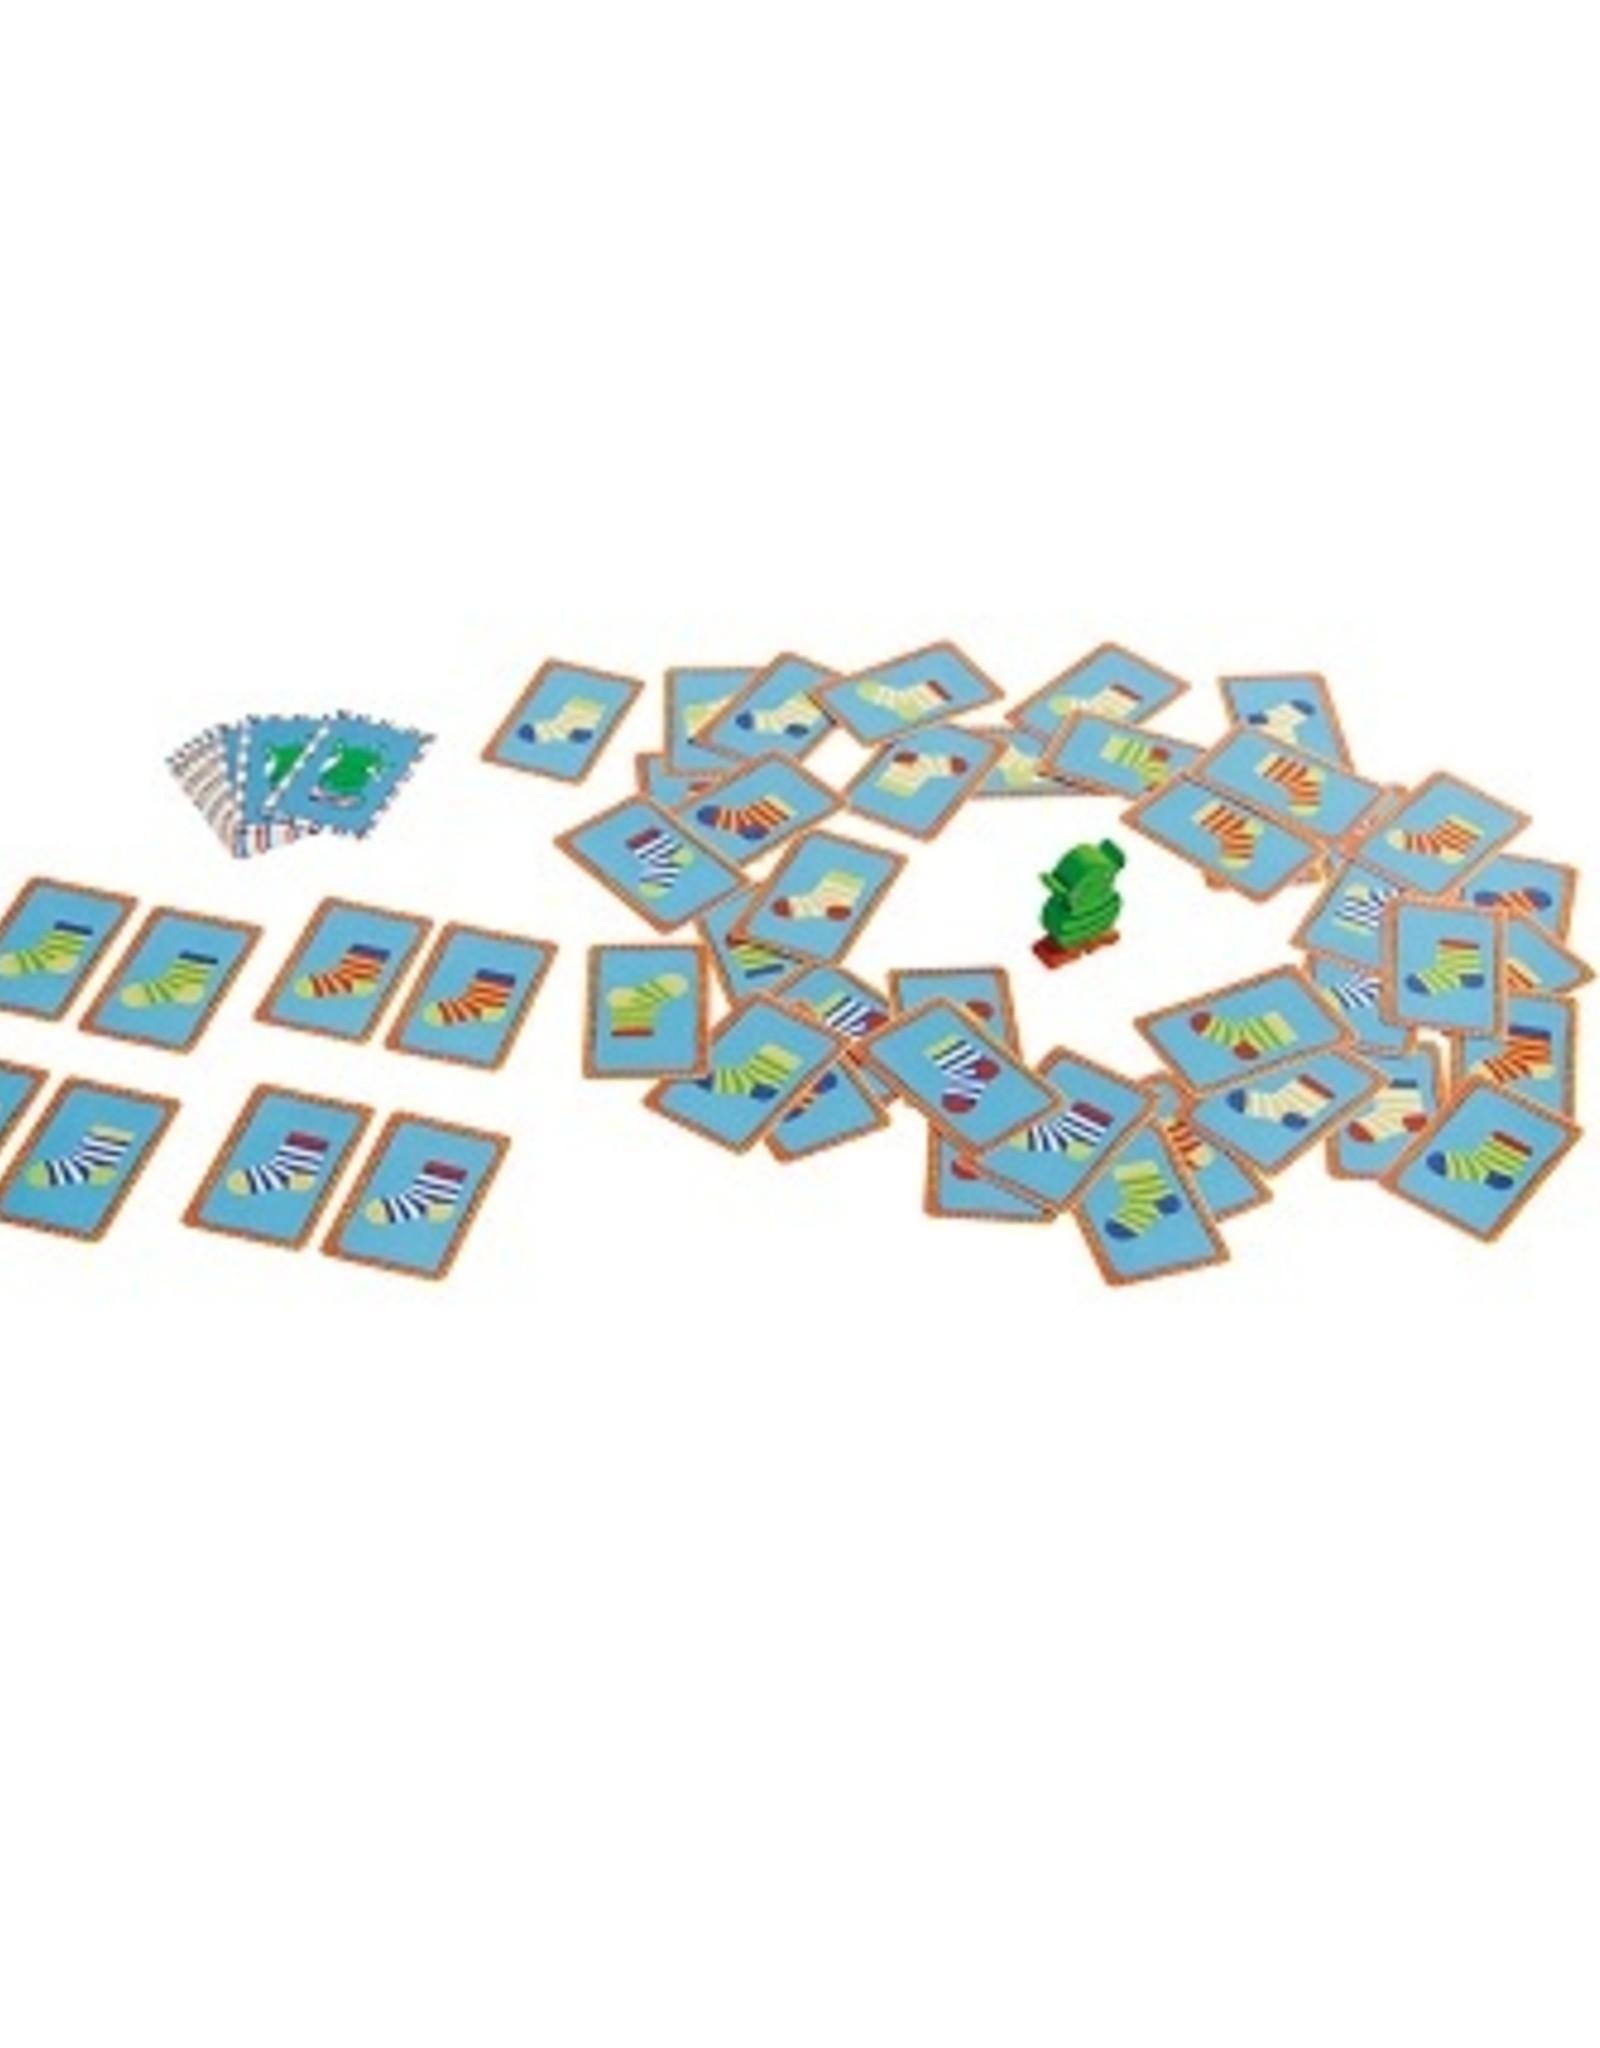 Haba Sokken zoeken kaartspel